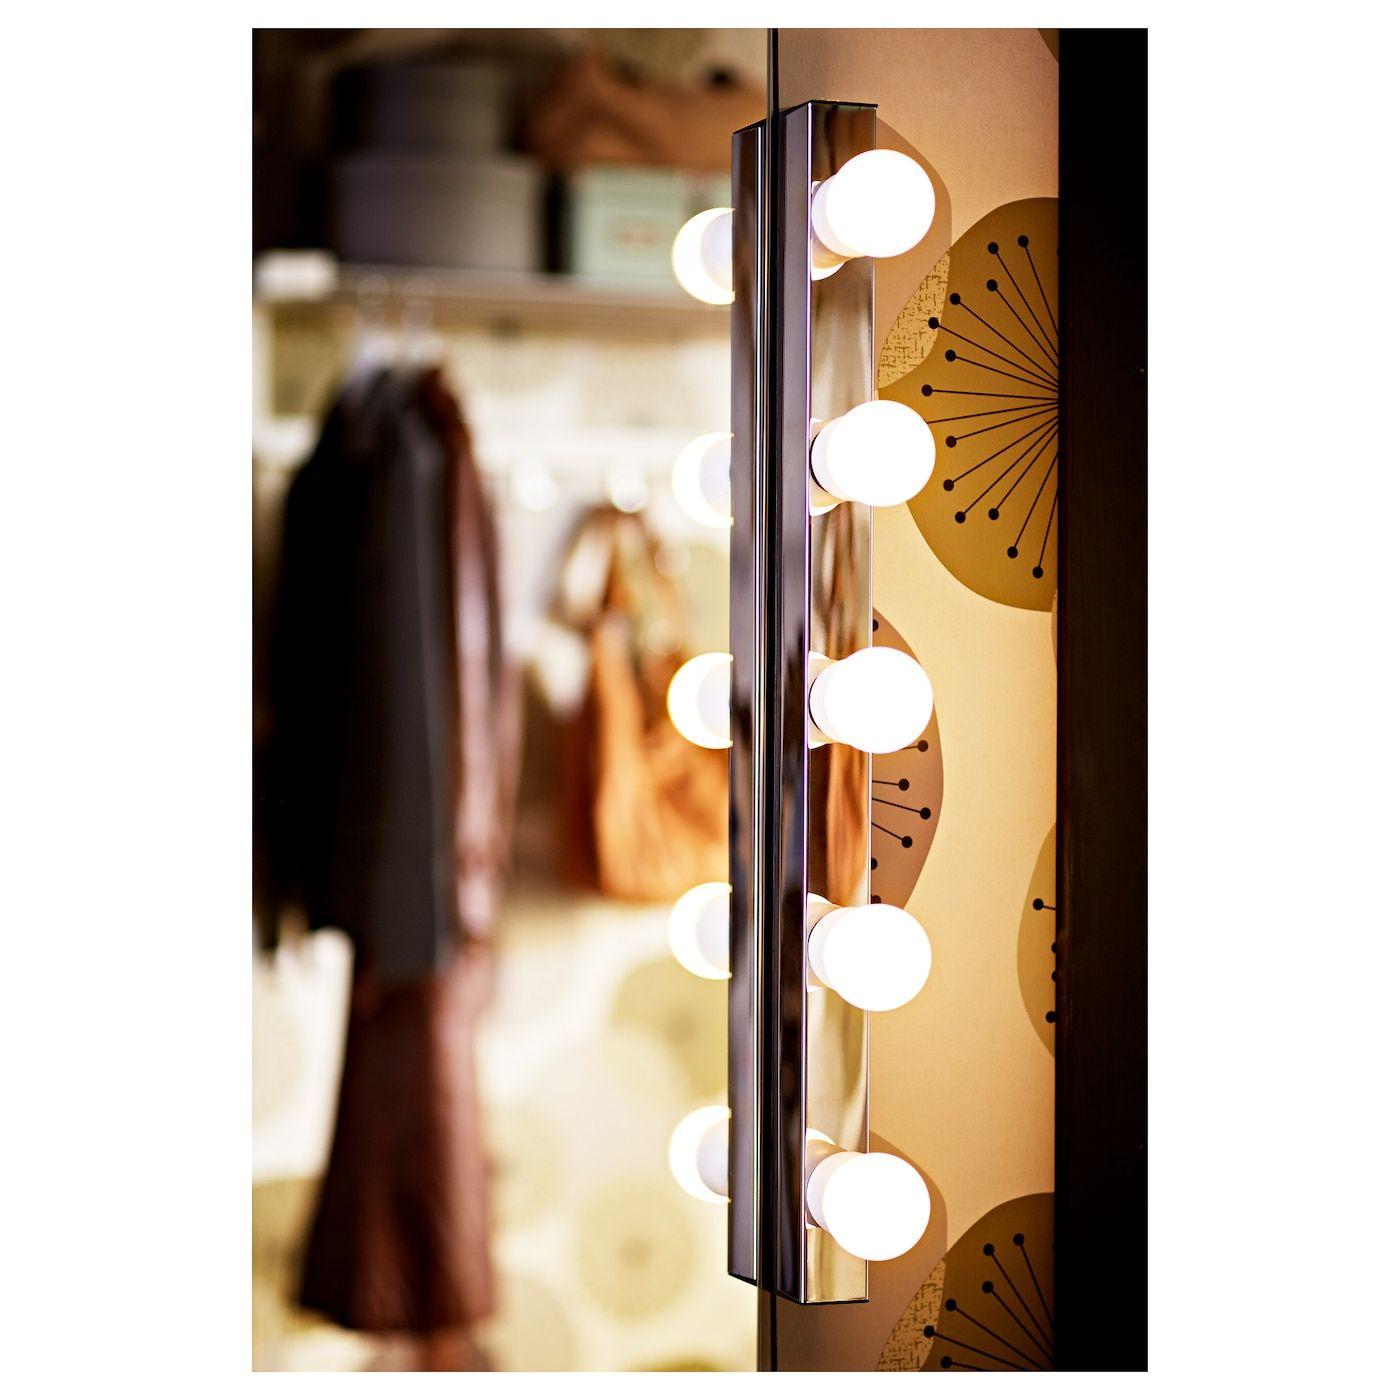 Musik Lampada Parete Installazione Fissa Cromato Lampade Parete Ikea